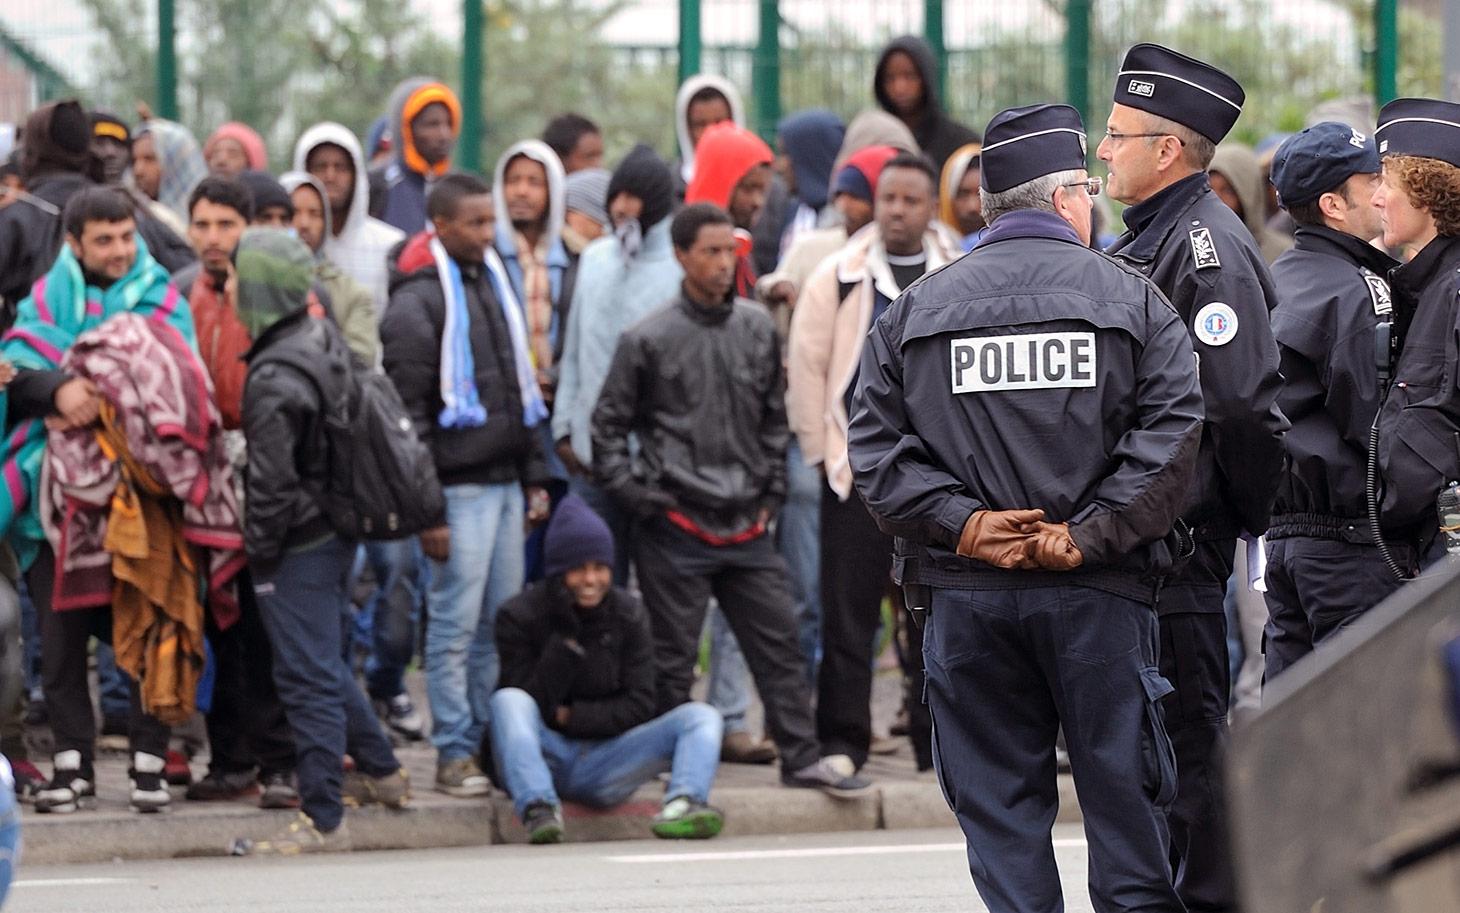 Европейские футбольные клубы помогут мигрантам финансами